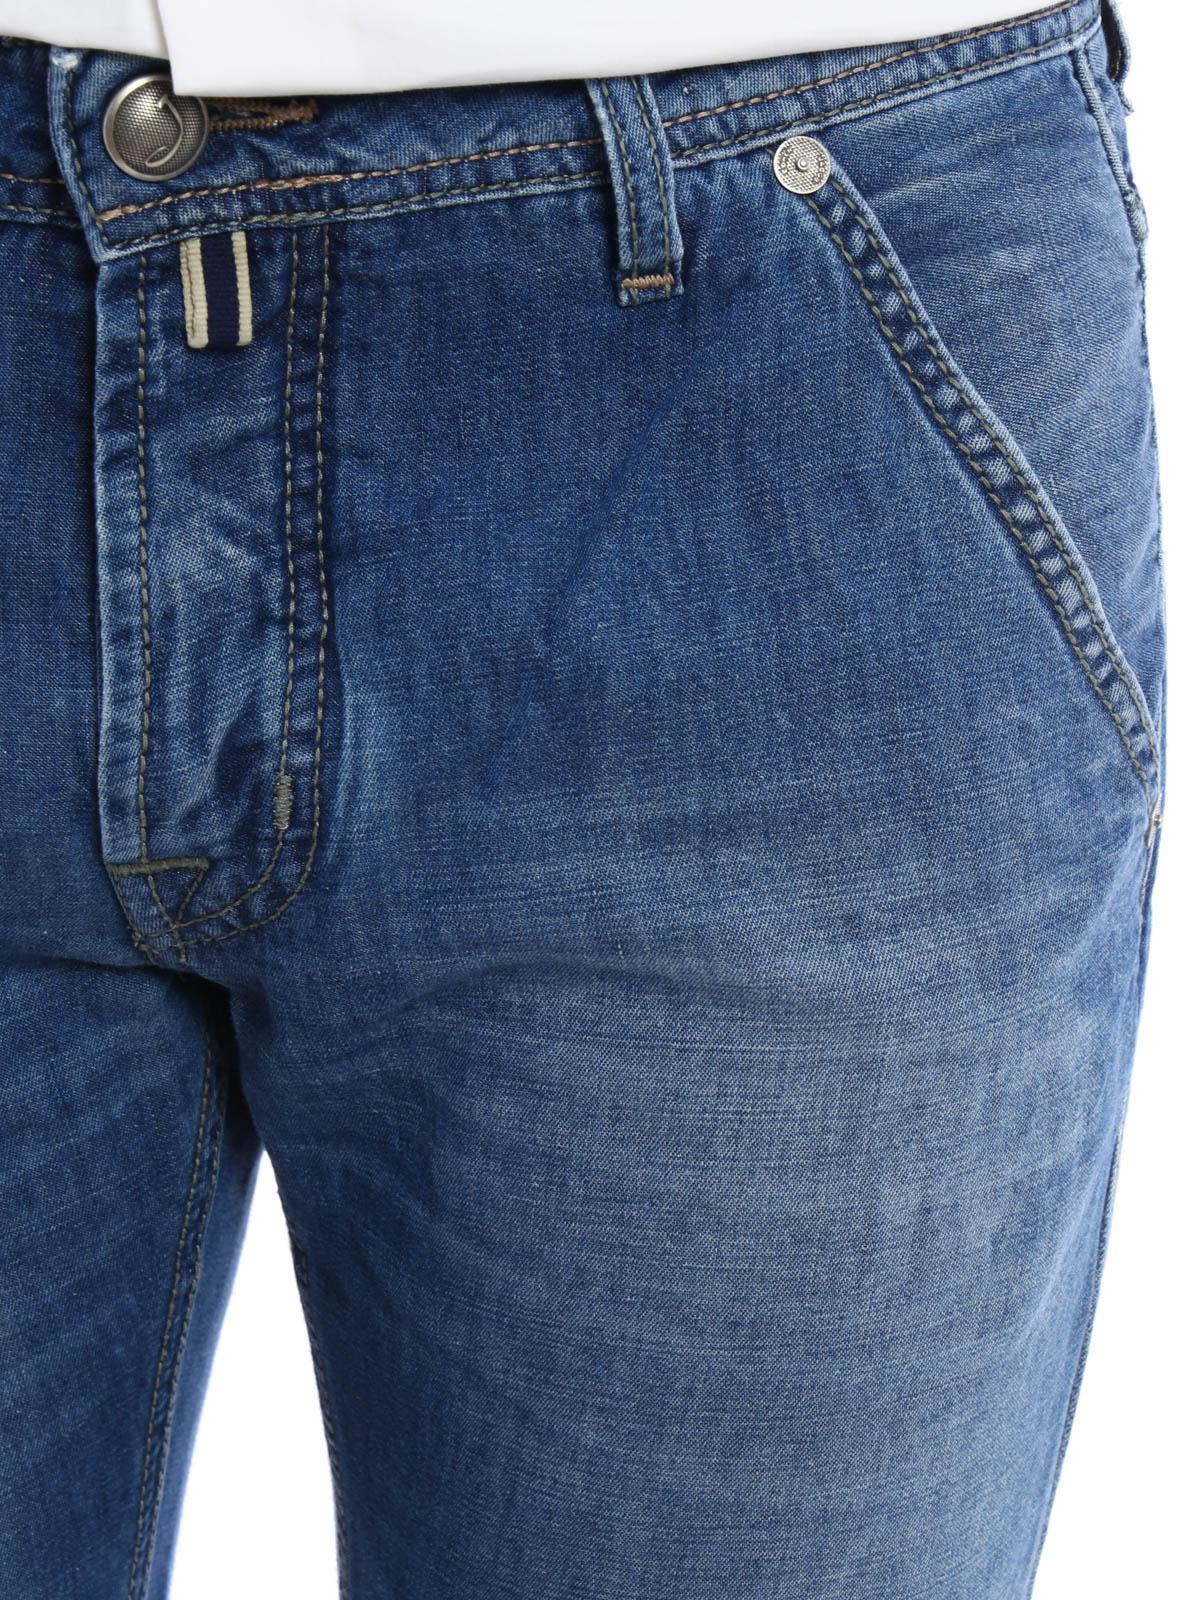 Pw613 cotton and linen jeans by jacob cohen straight leg - Jacob cohen denim ...